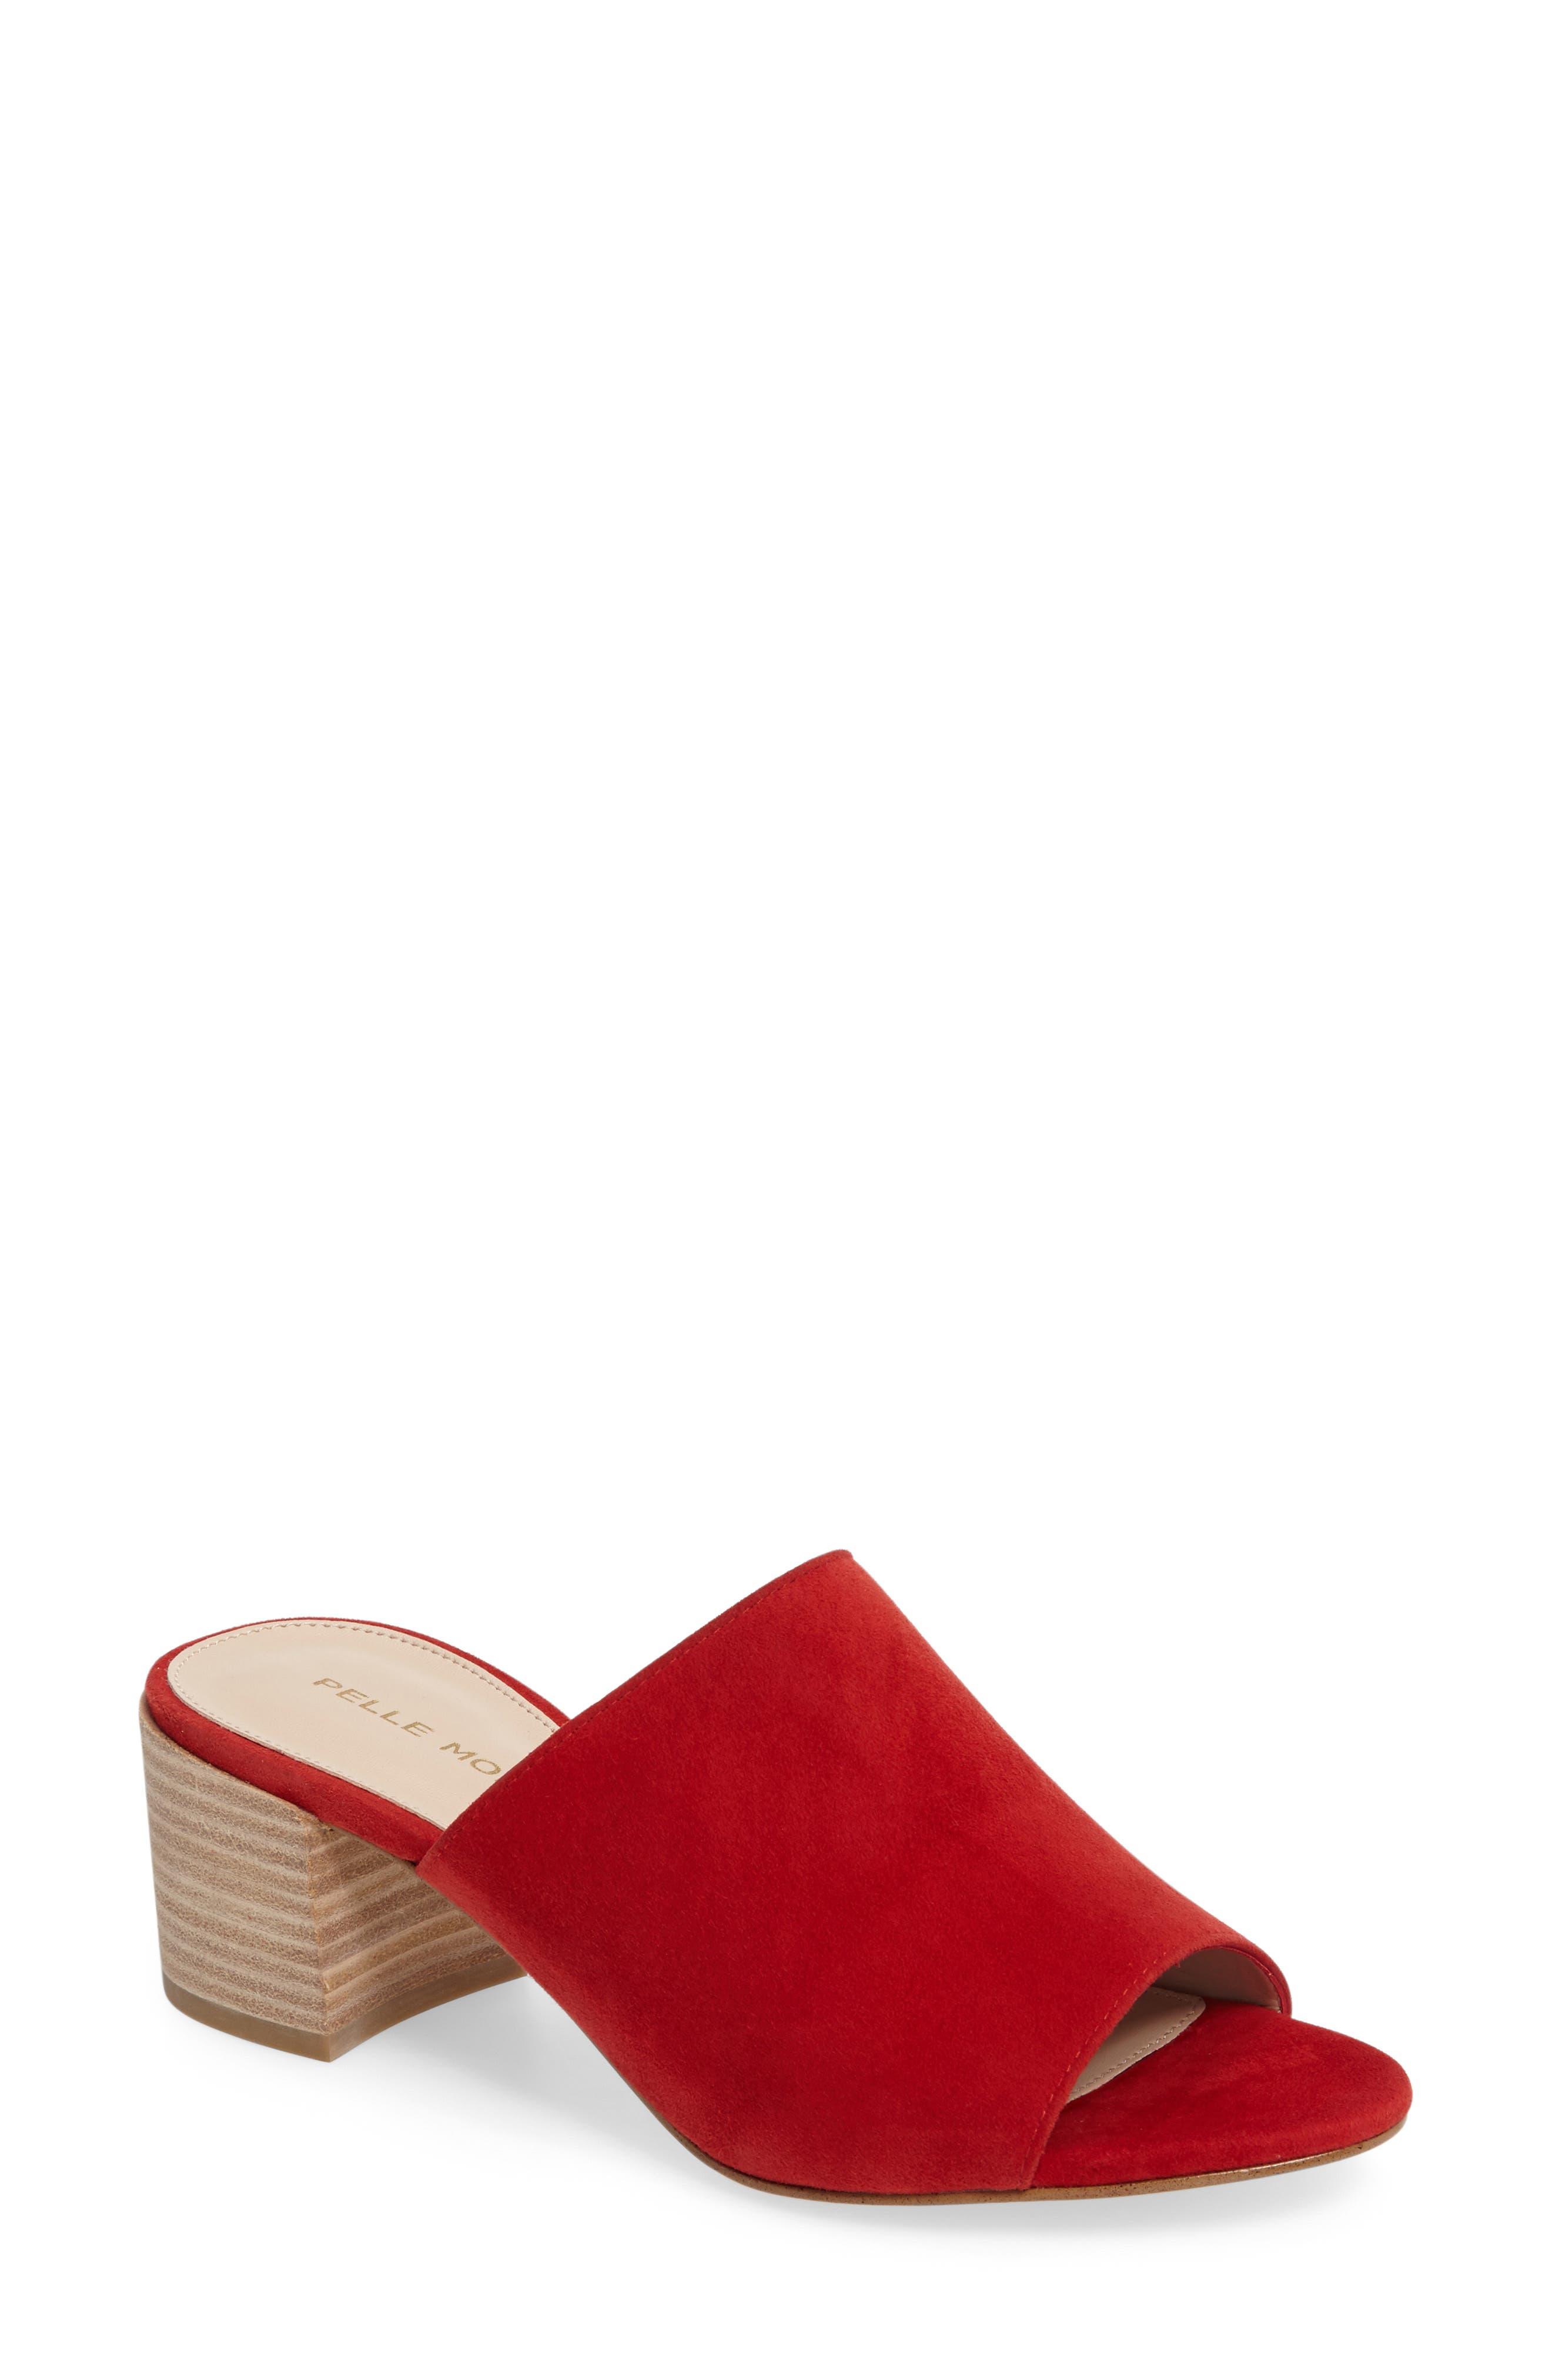 Main Image - Pelle Moda Union Block Heel Mule (Women)